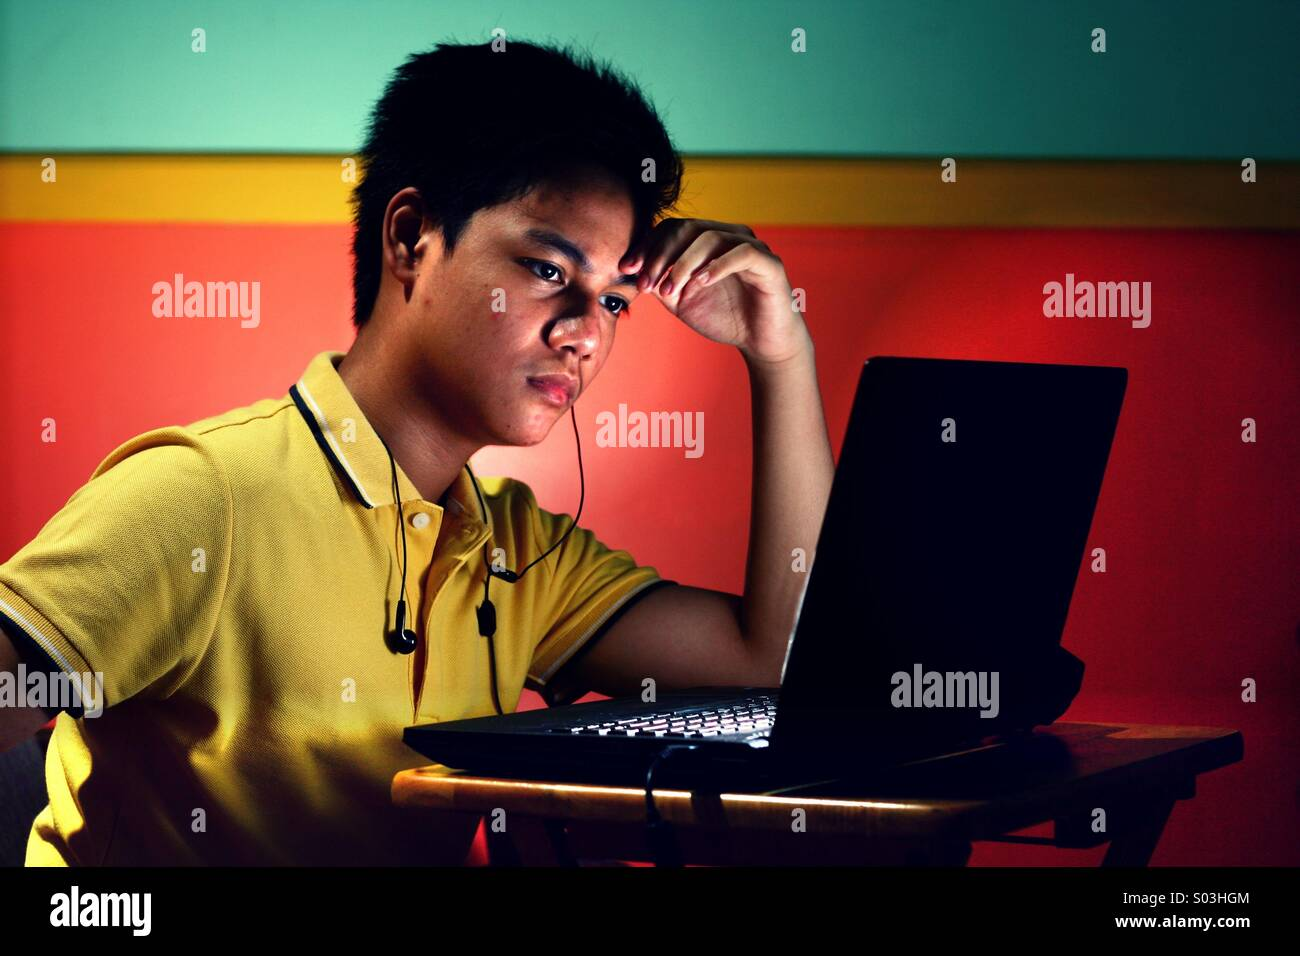 Adolescents asiatiques travaillant ou étudiant d'un ordinateur portable Photo Stock